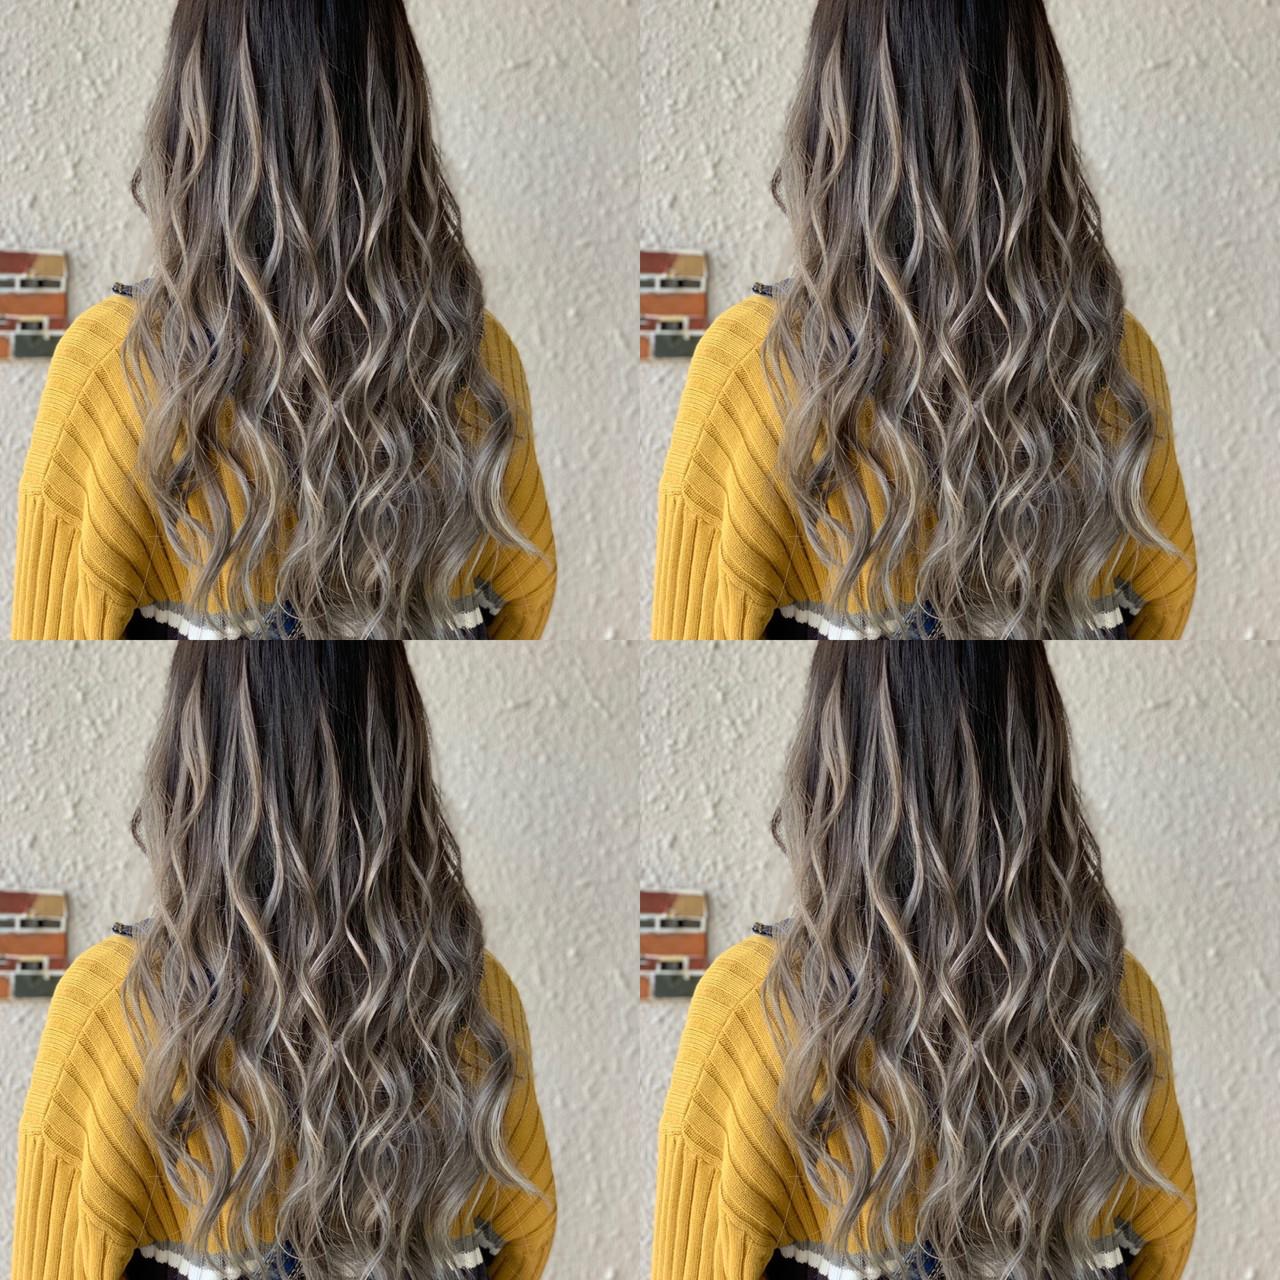 エクステ ロング グラデーションカラー 外国人風カラー ヘアスタイルや髪型の写真・画像 | 島川令 / エクステ専門店R